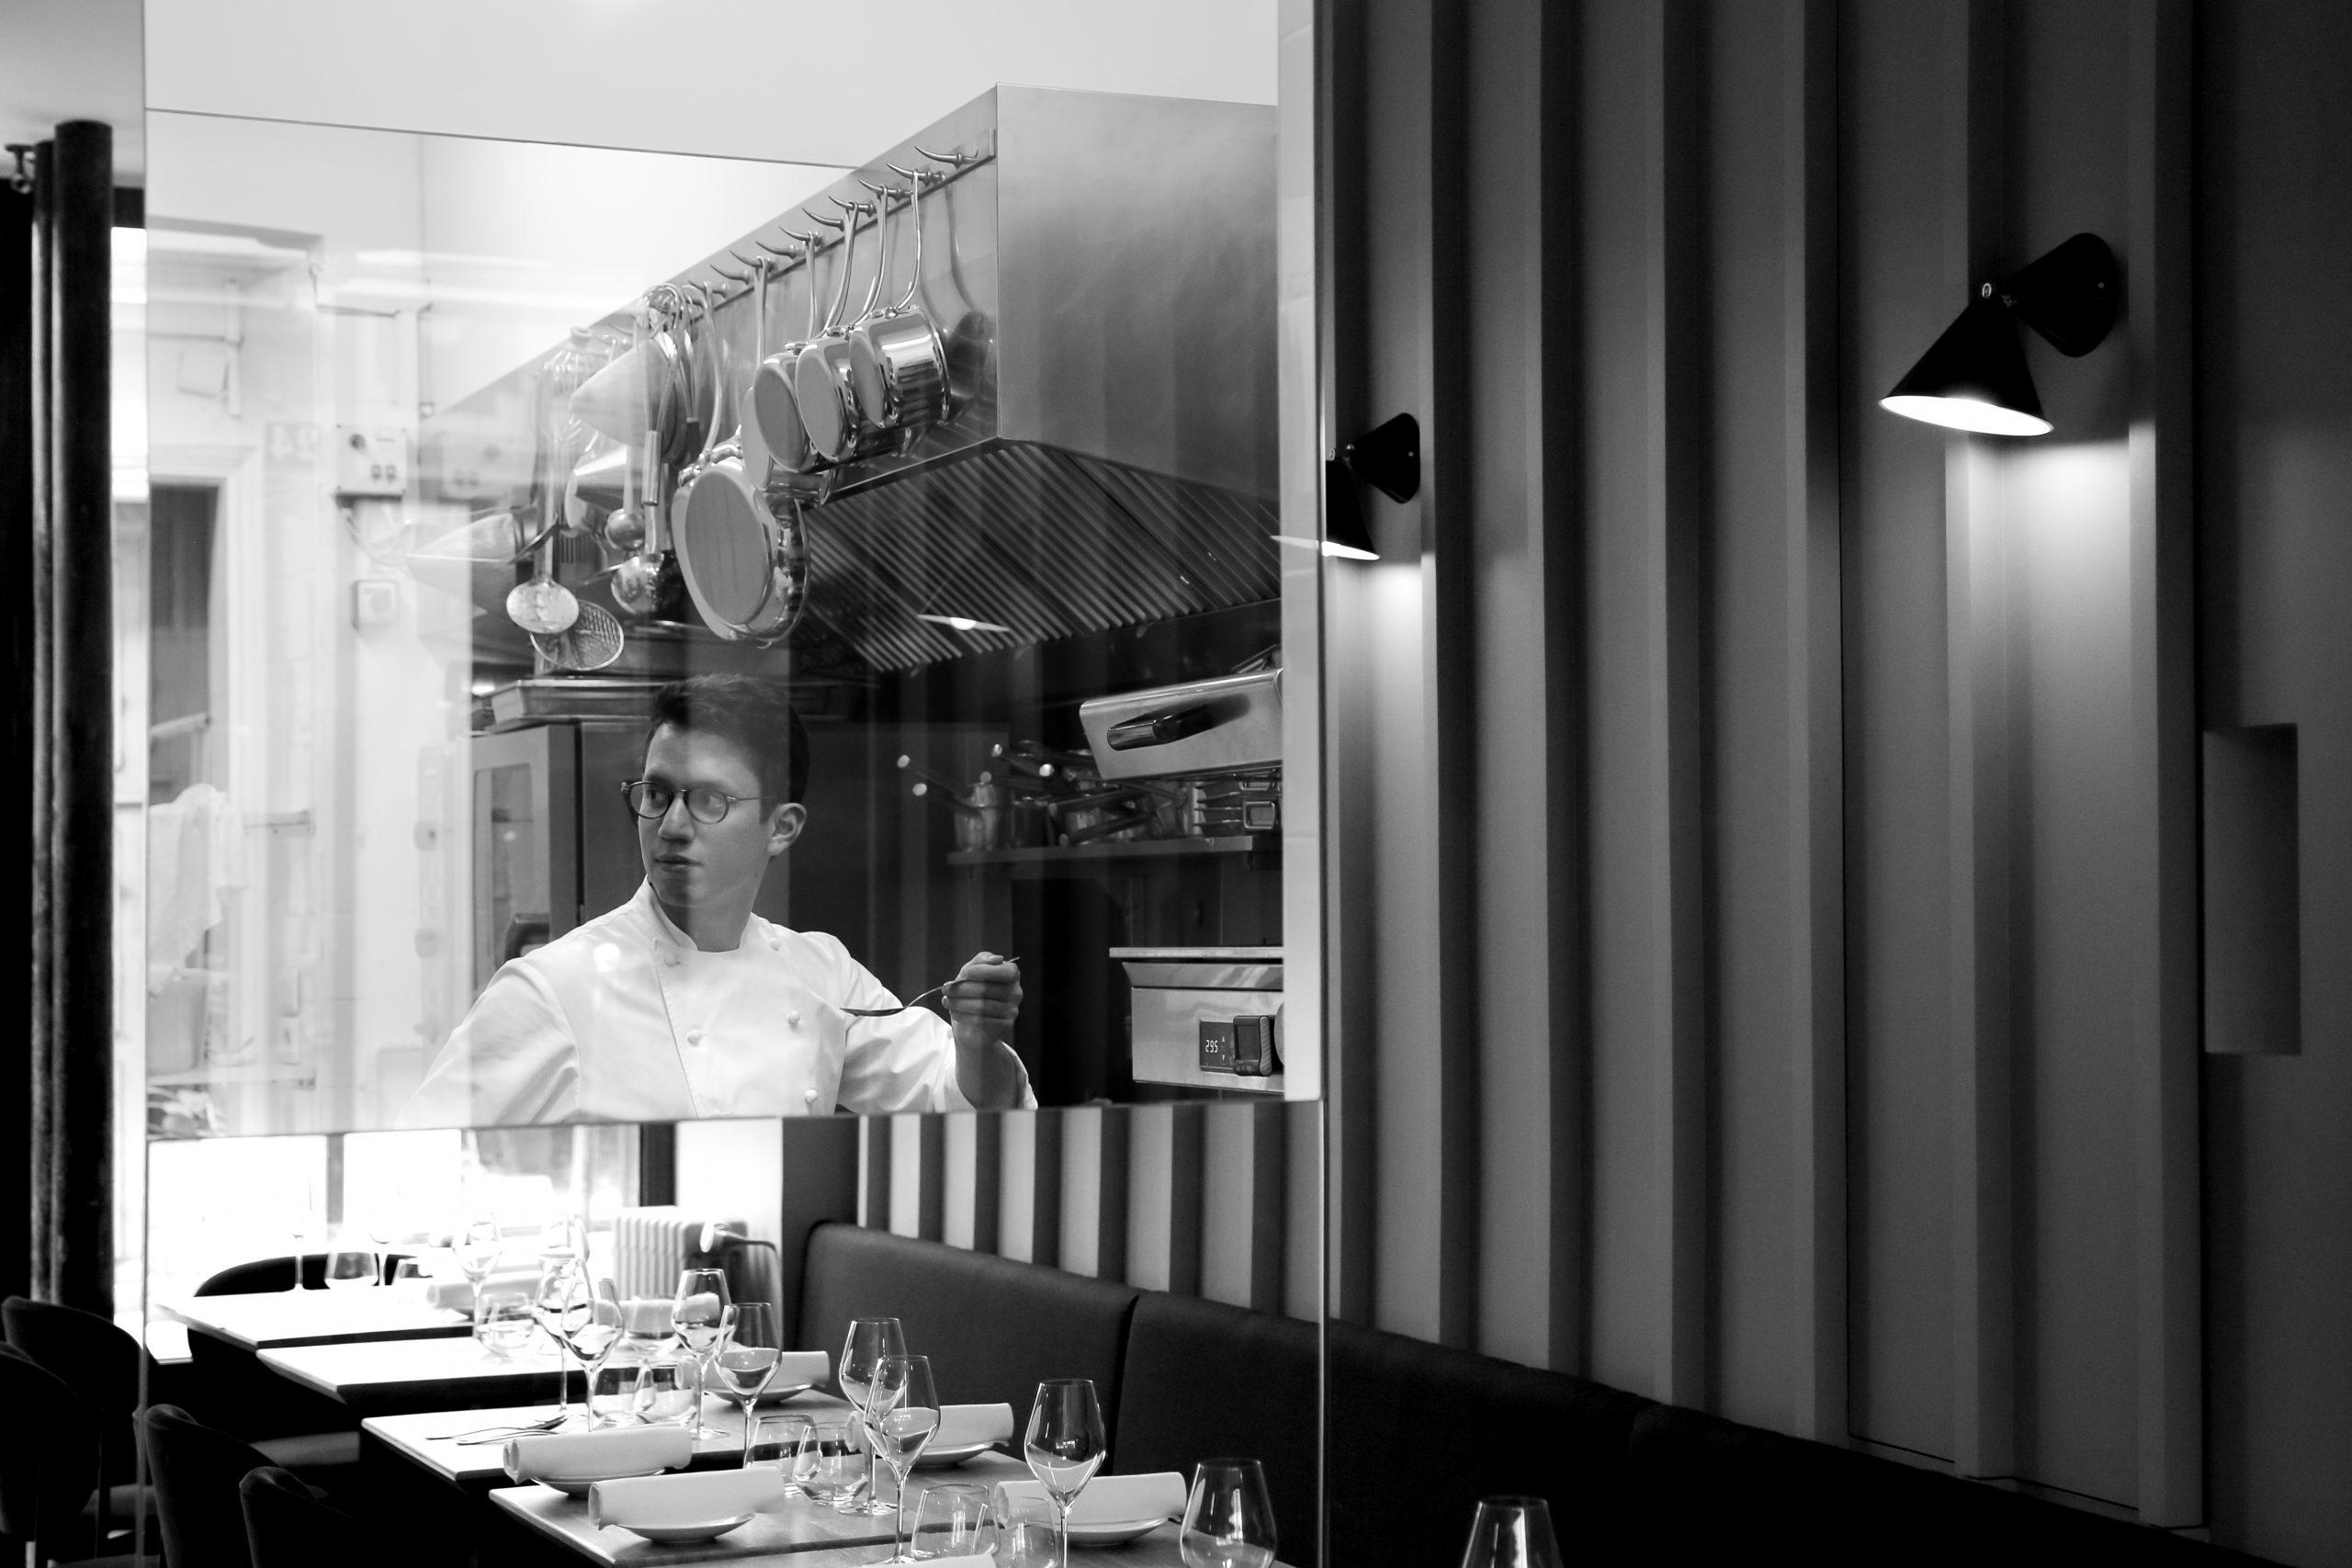 Clases de cocina online de Airbnb con reconocidos chefs